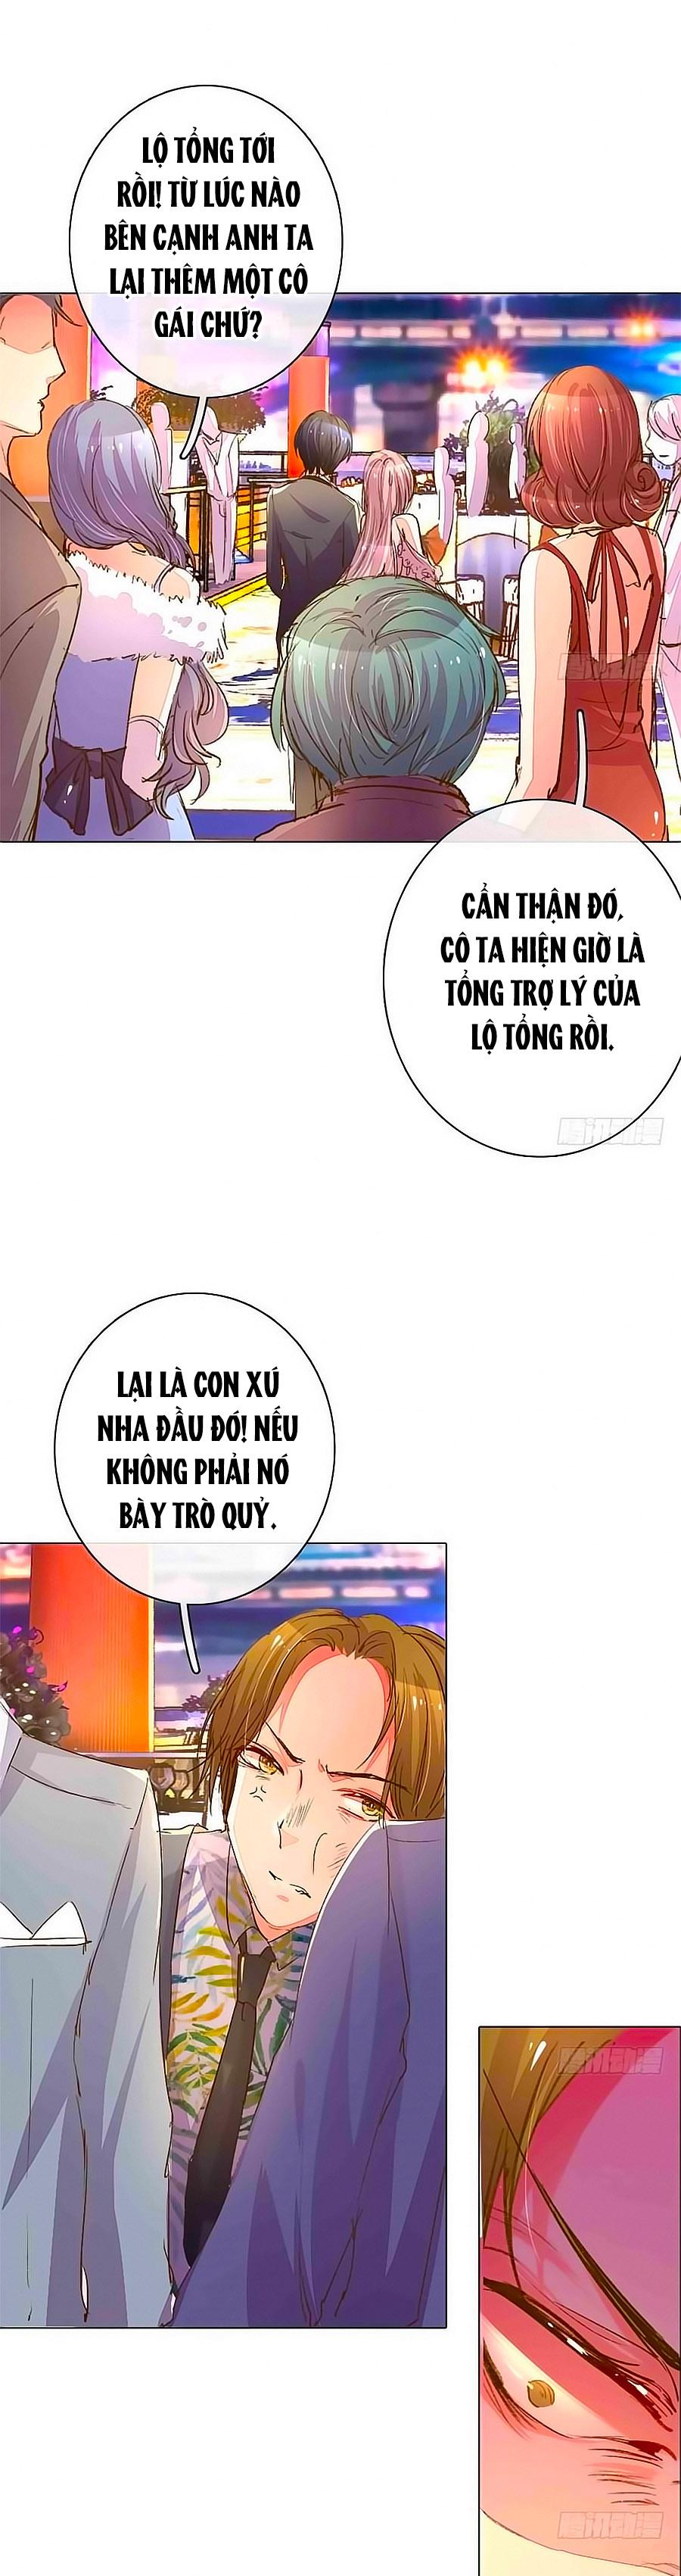 Hào Môn Tiểu Lãn Thê chap 92 - Trang 4